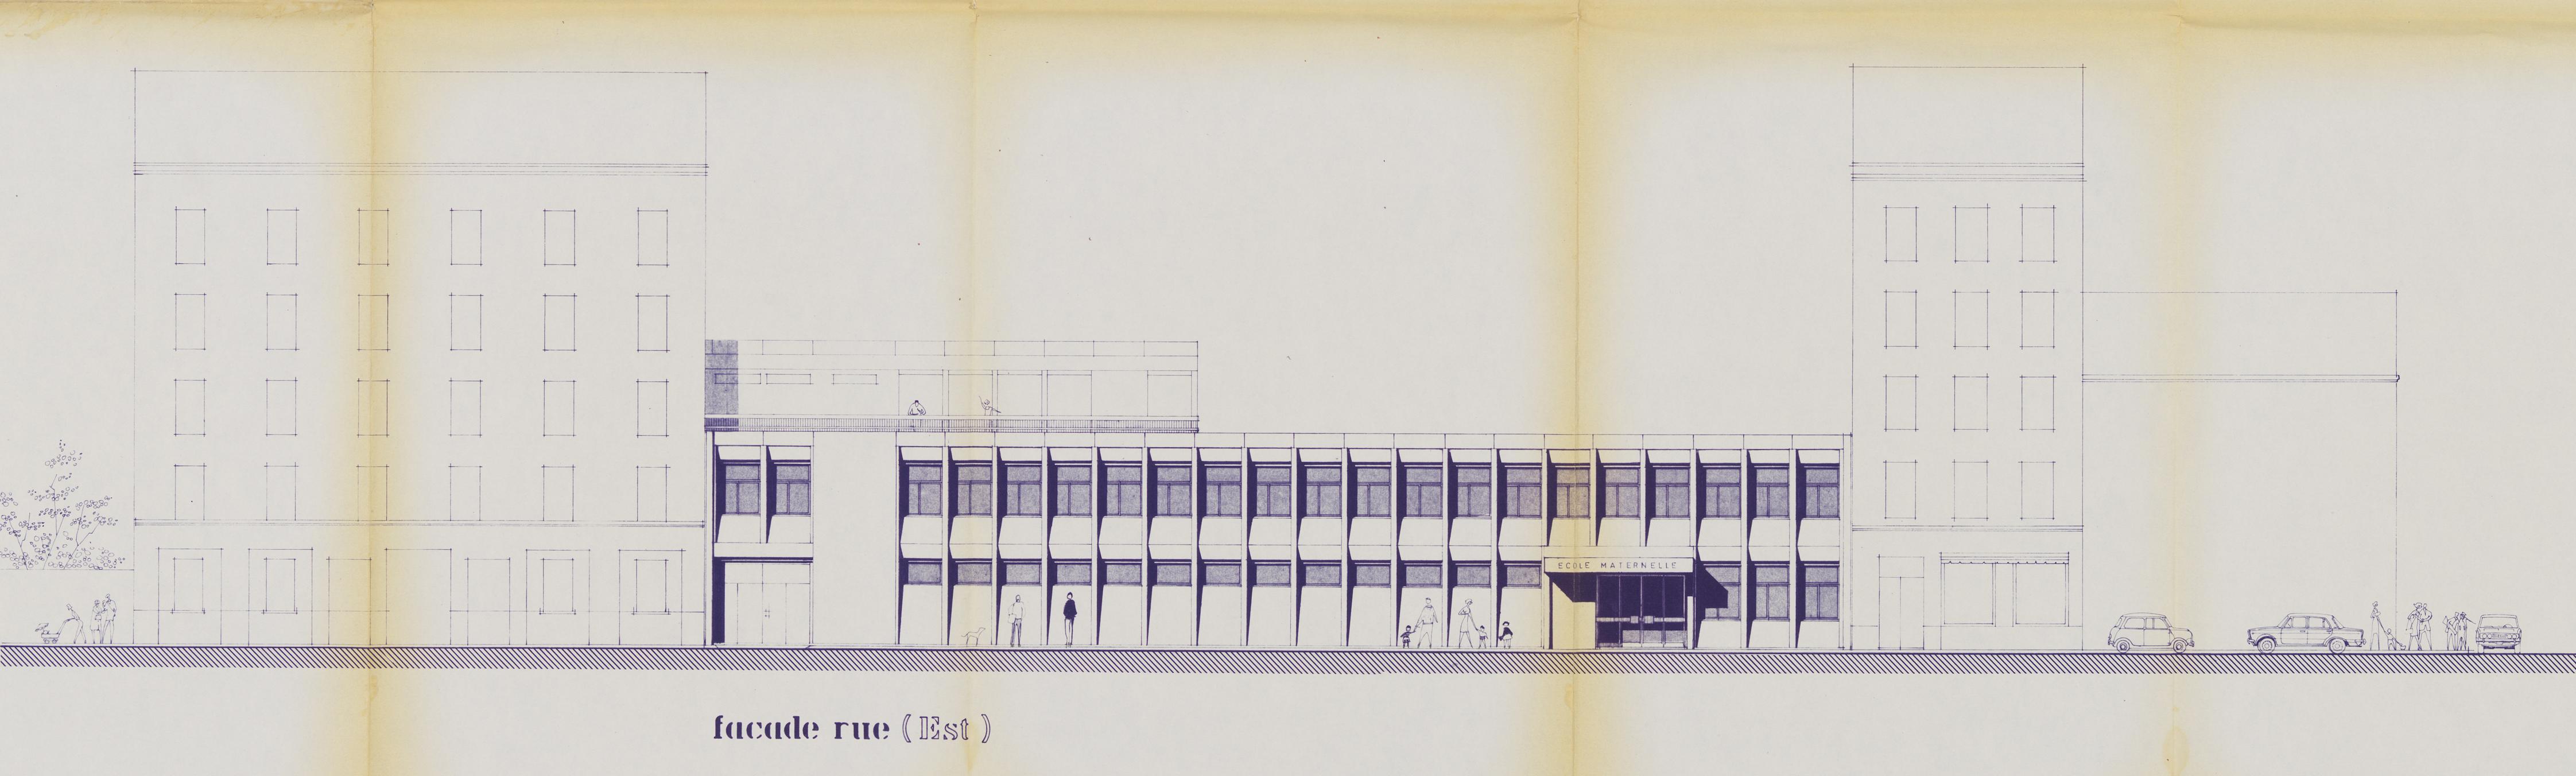 Groupe scolaire Cavenne-Pasteur, maternelle : façades / Georges Lavenir architecte DPLG, 1970, AC Lyon, 852 WP 004. (Repro Gilles Bernasconi © Archives municipales de Lyon)